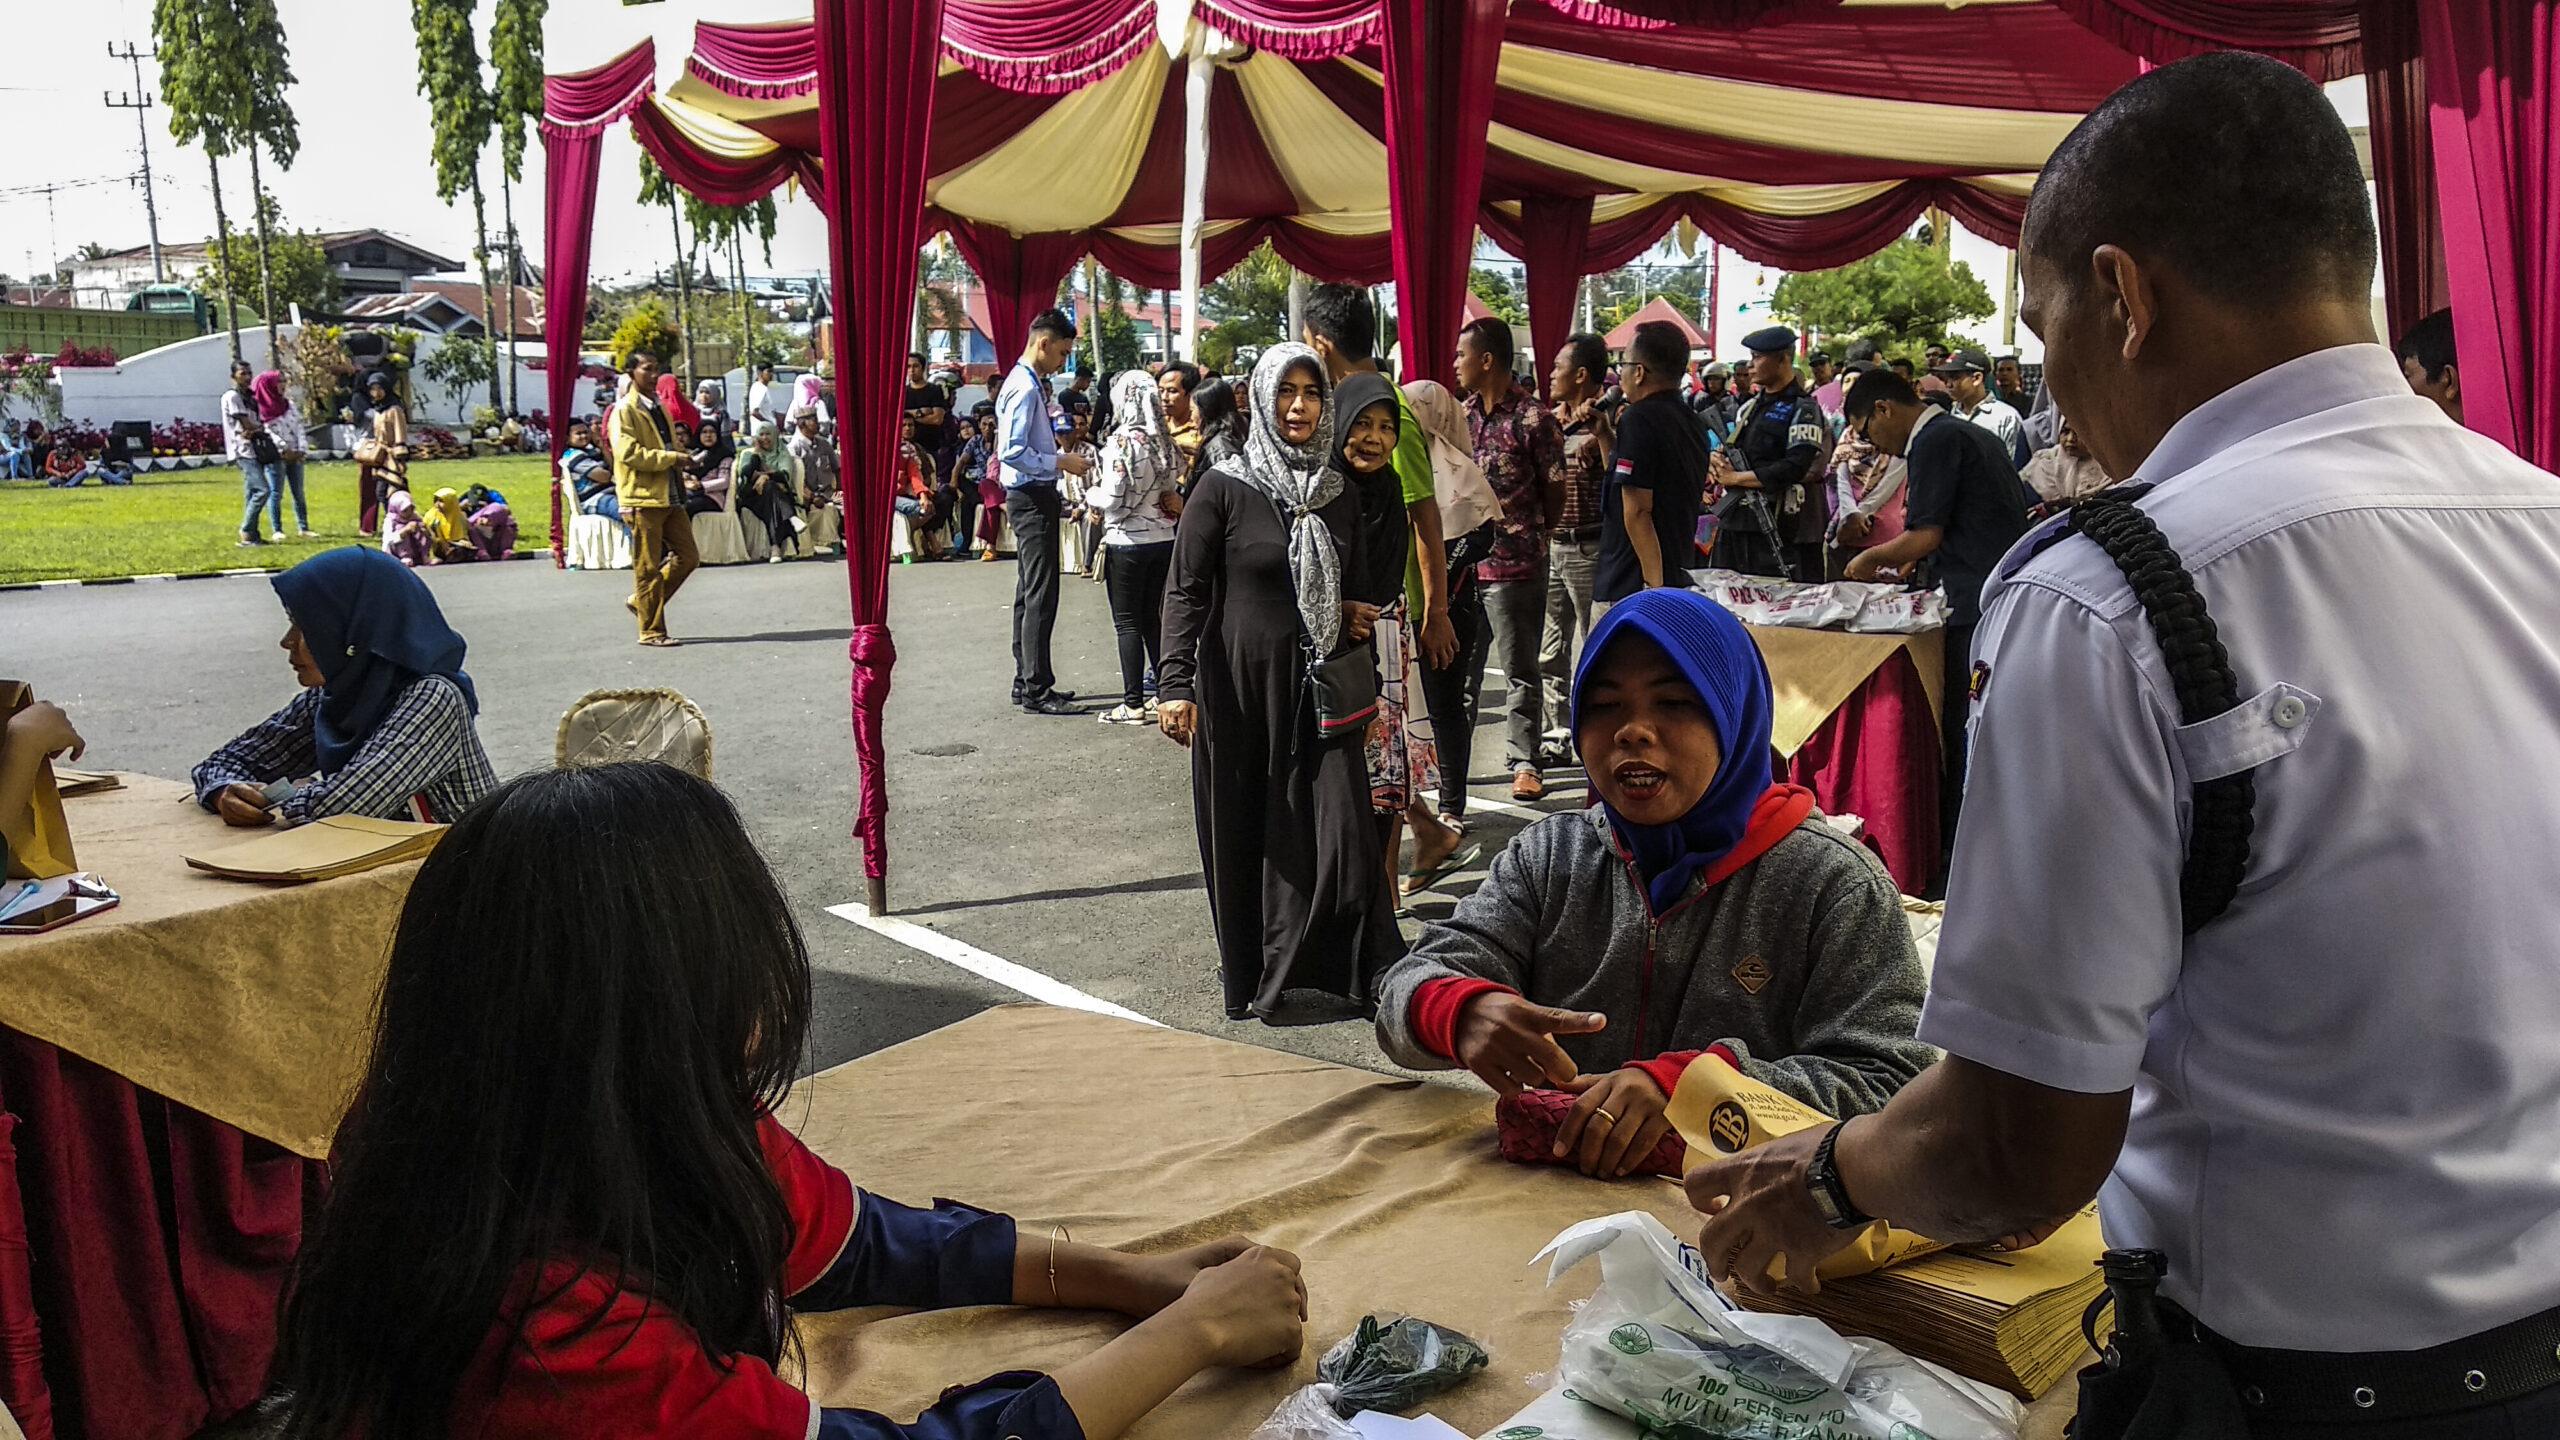 Ribuan masyarakat Solok dan sekitarnya melakukan penukaran uang pecahan baru di Balaikota Solok, Sumatera Barat, Sabtu (9/6/2018). Photo : Fernandez